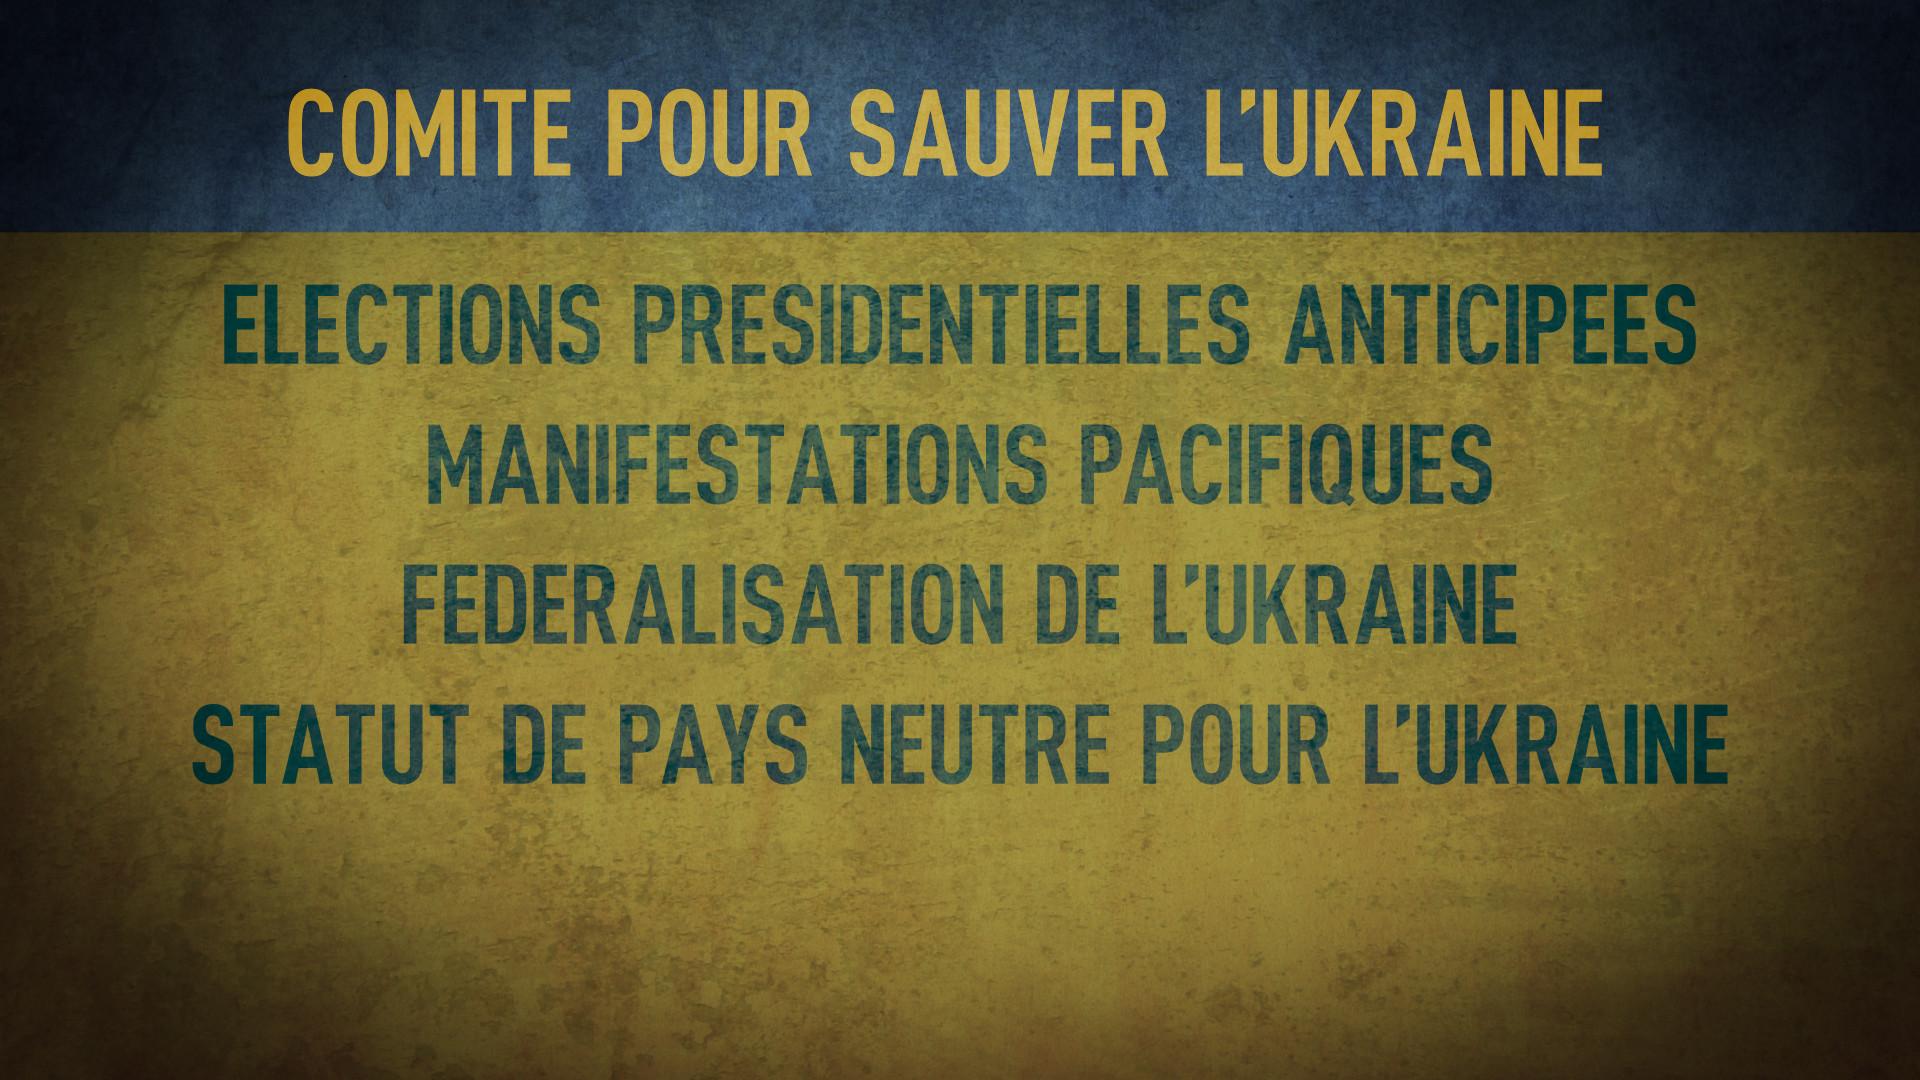 «L'Ukraine a besoin de la paix», ex-membres du parti de Ianoukovitch créent un comité de sauvetage